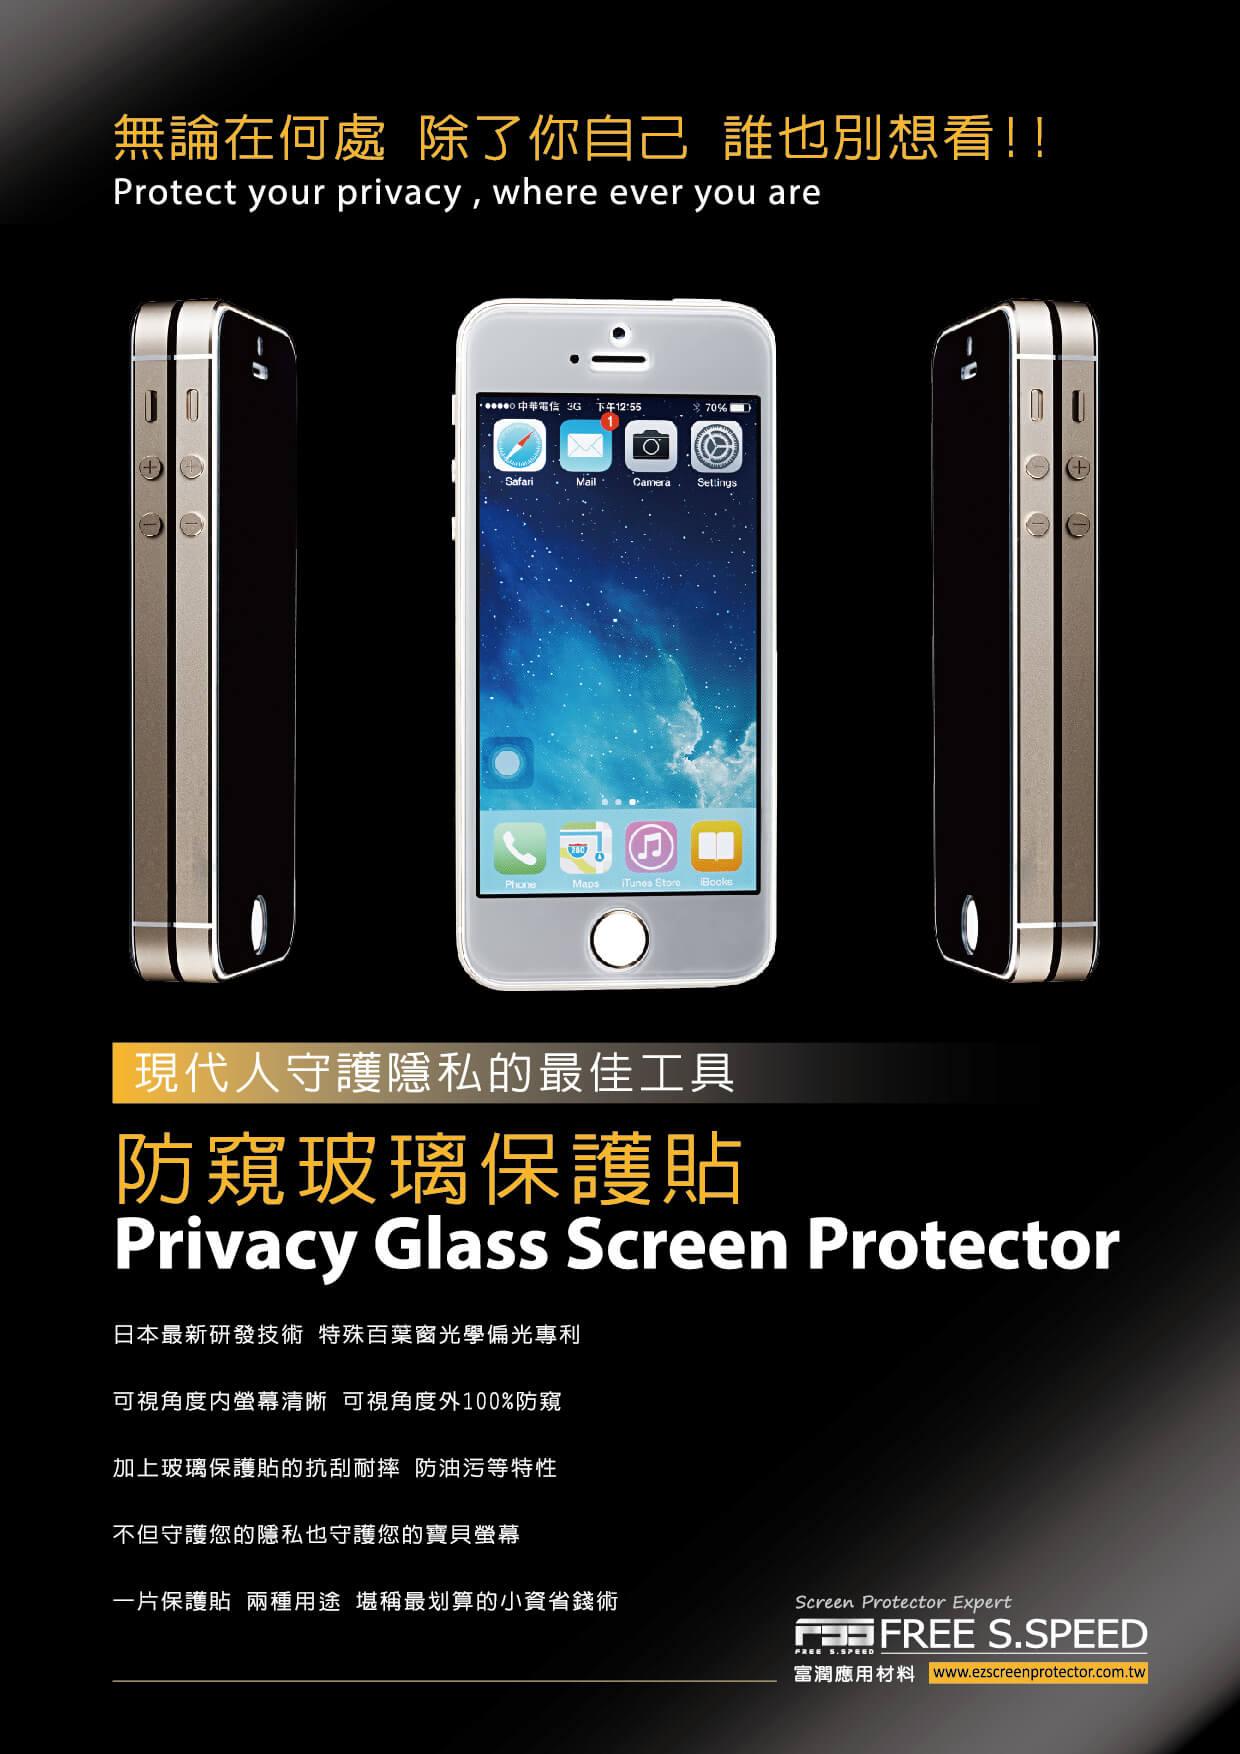 富潤_防窺玻璃保護貼(內縮款)